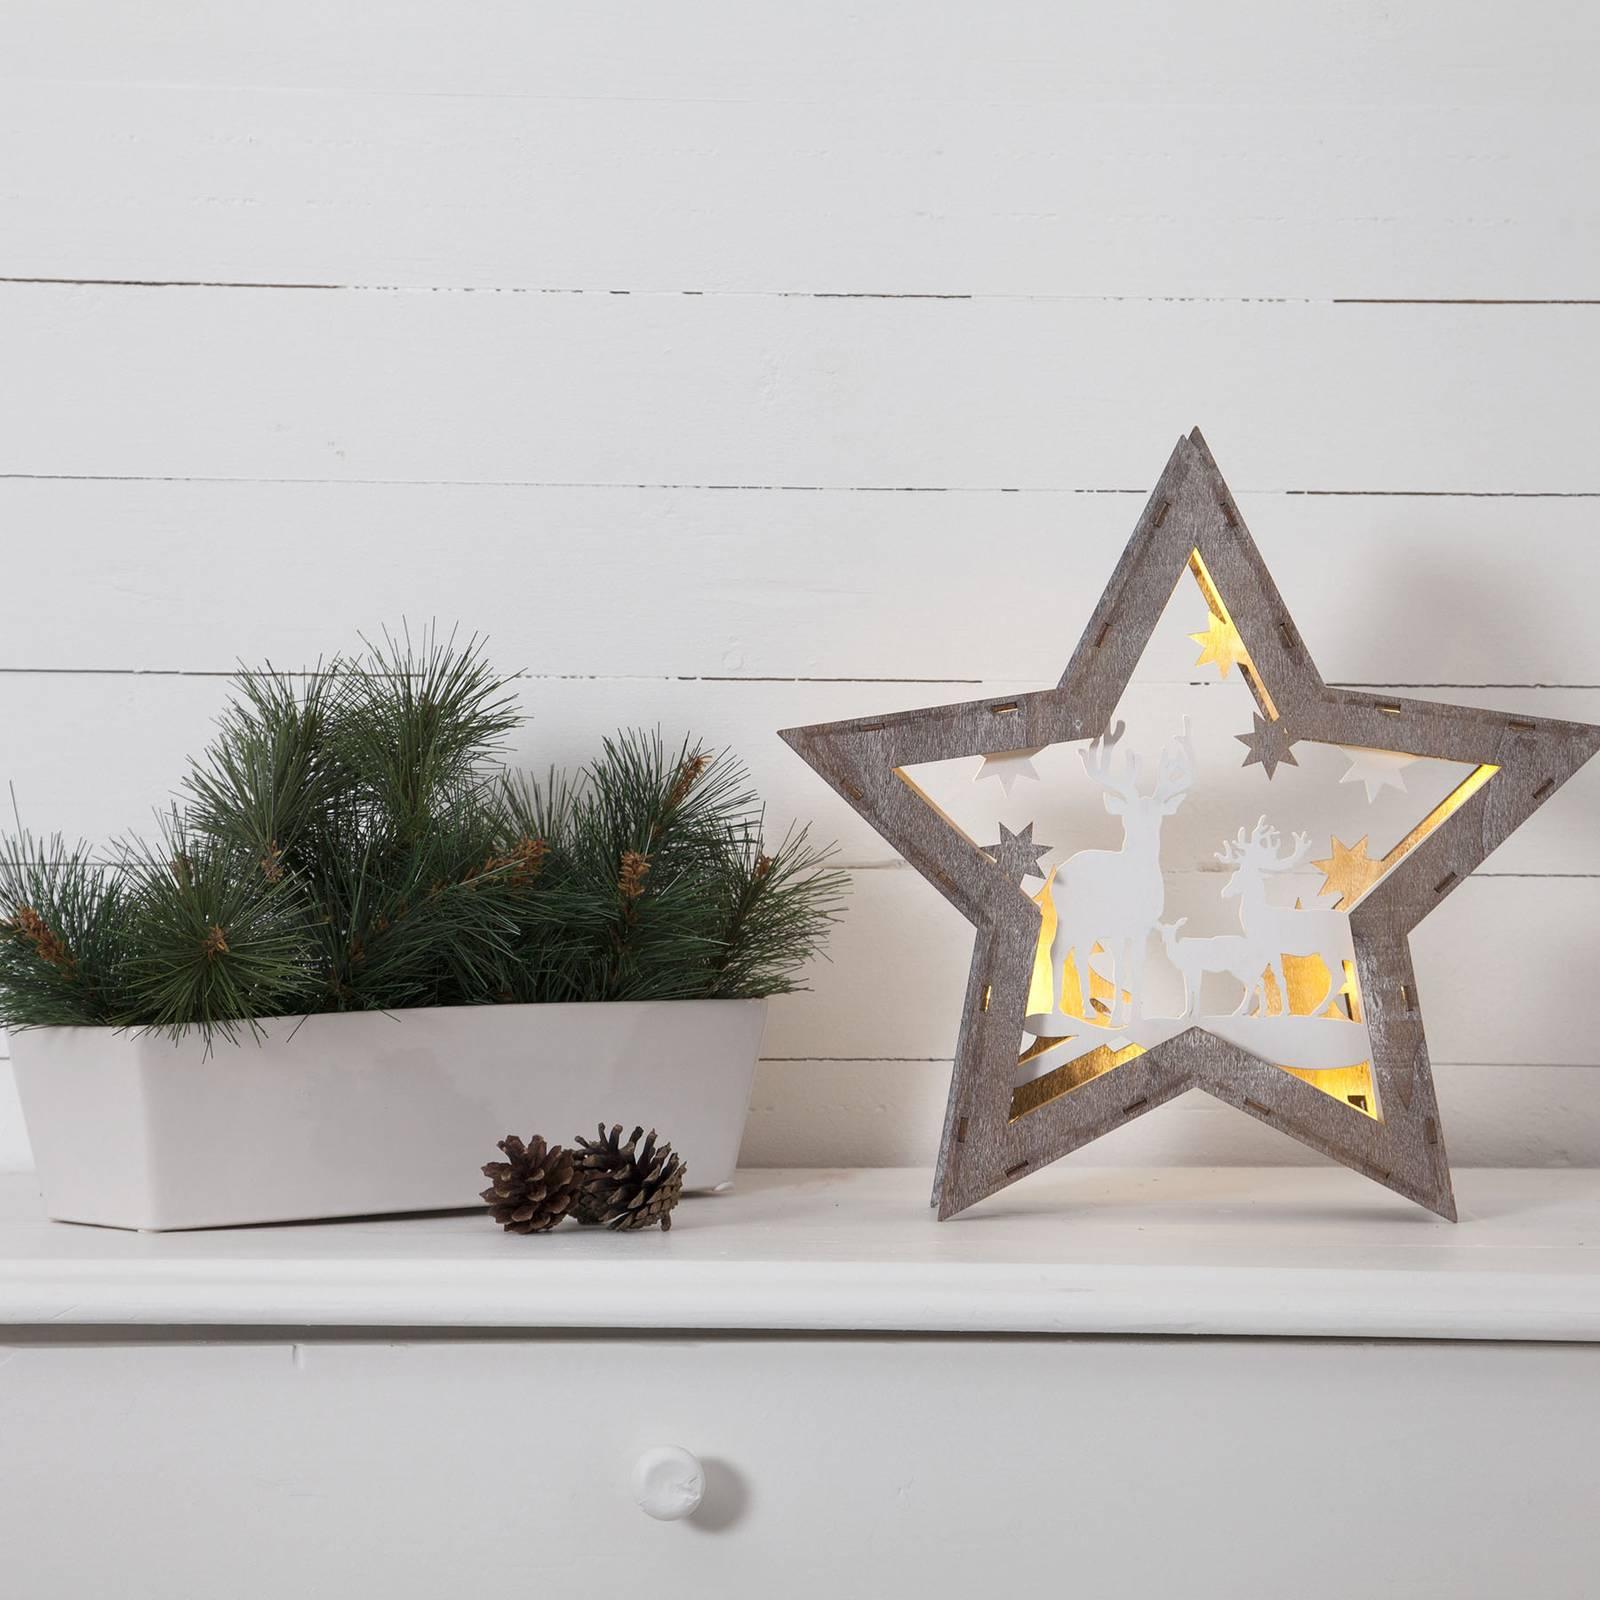 Fauna-LED-koristetähti puuta, korkeus 32 cm